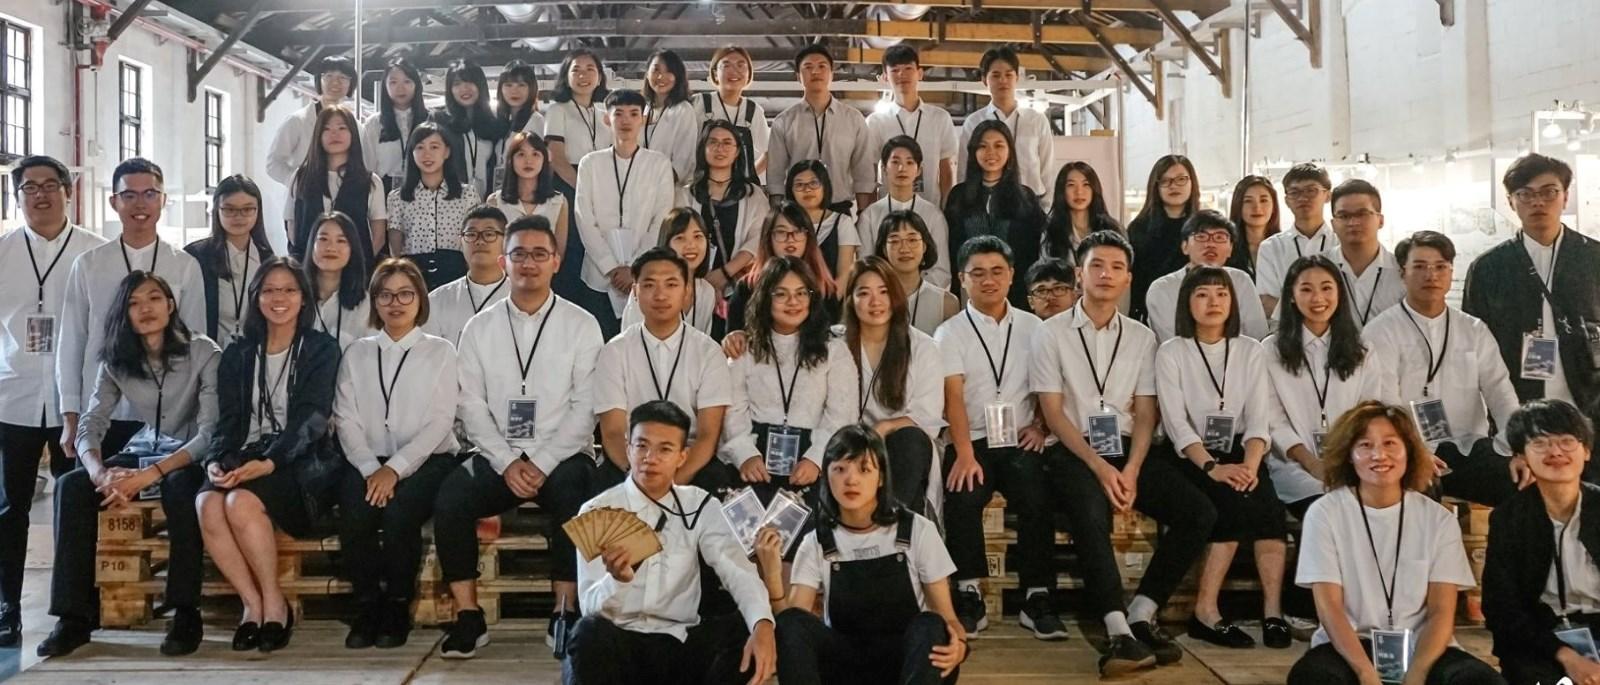 中原大學景觀系大四學生參加第五屆「景觀新秀展」,表現出色!.jpg